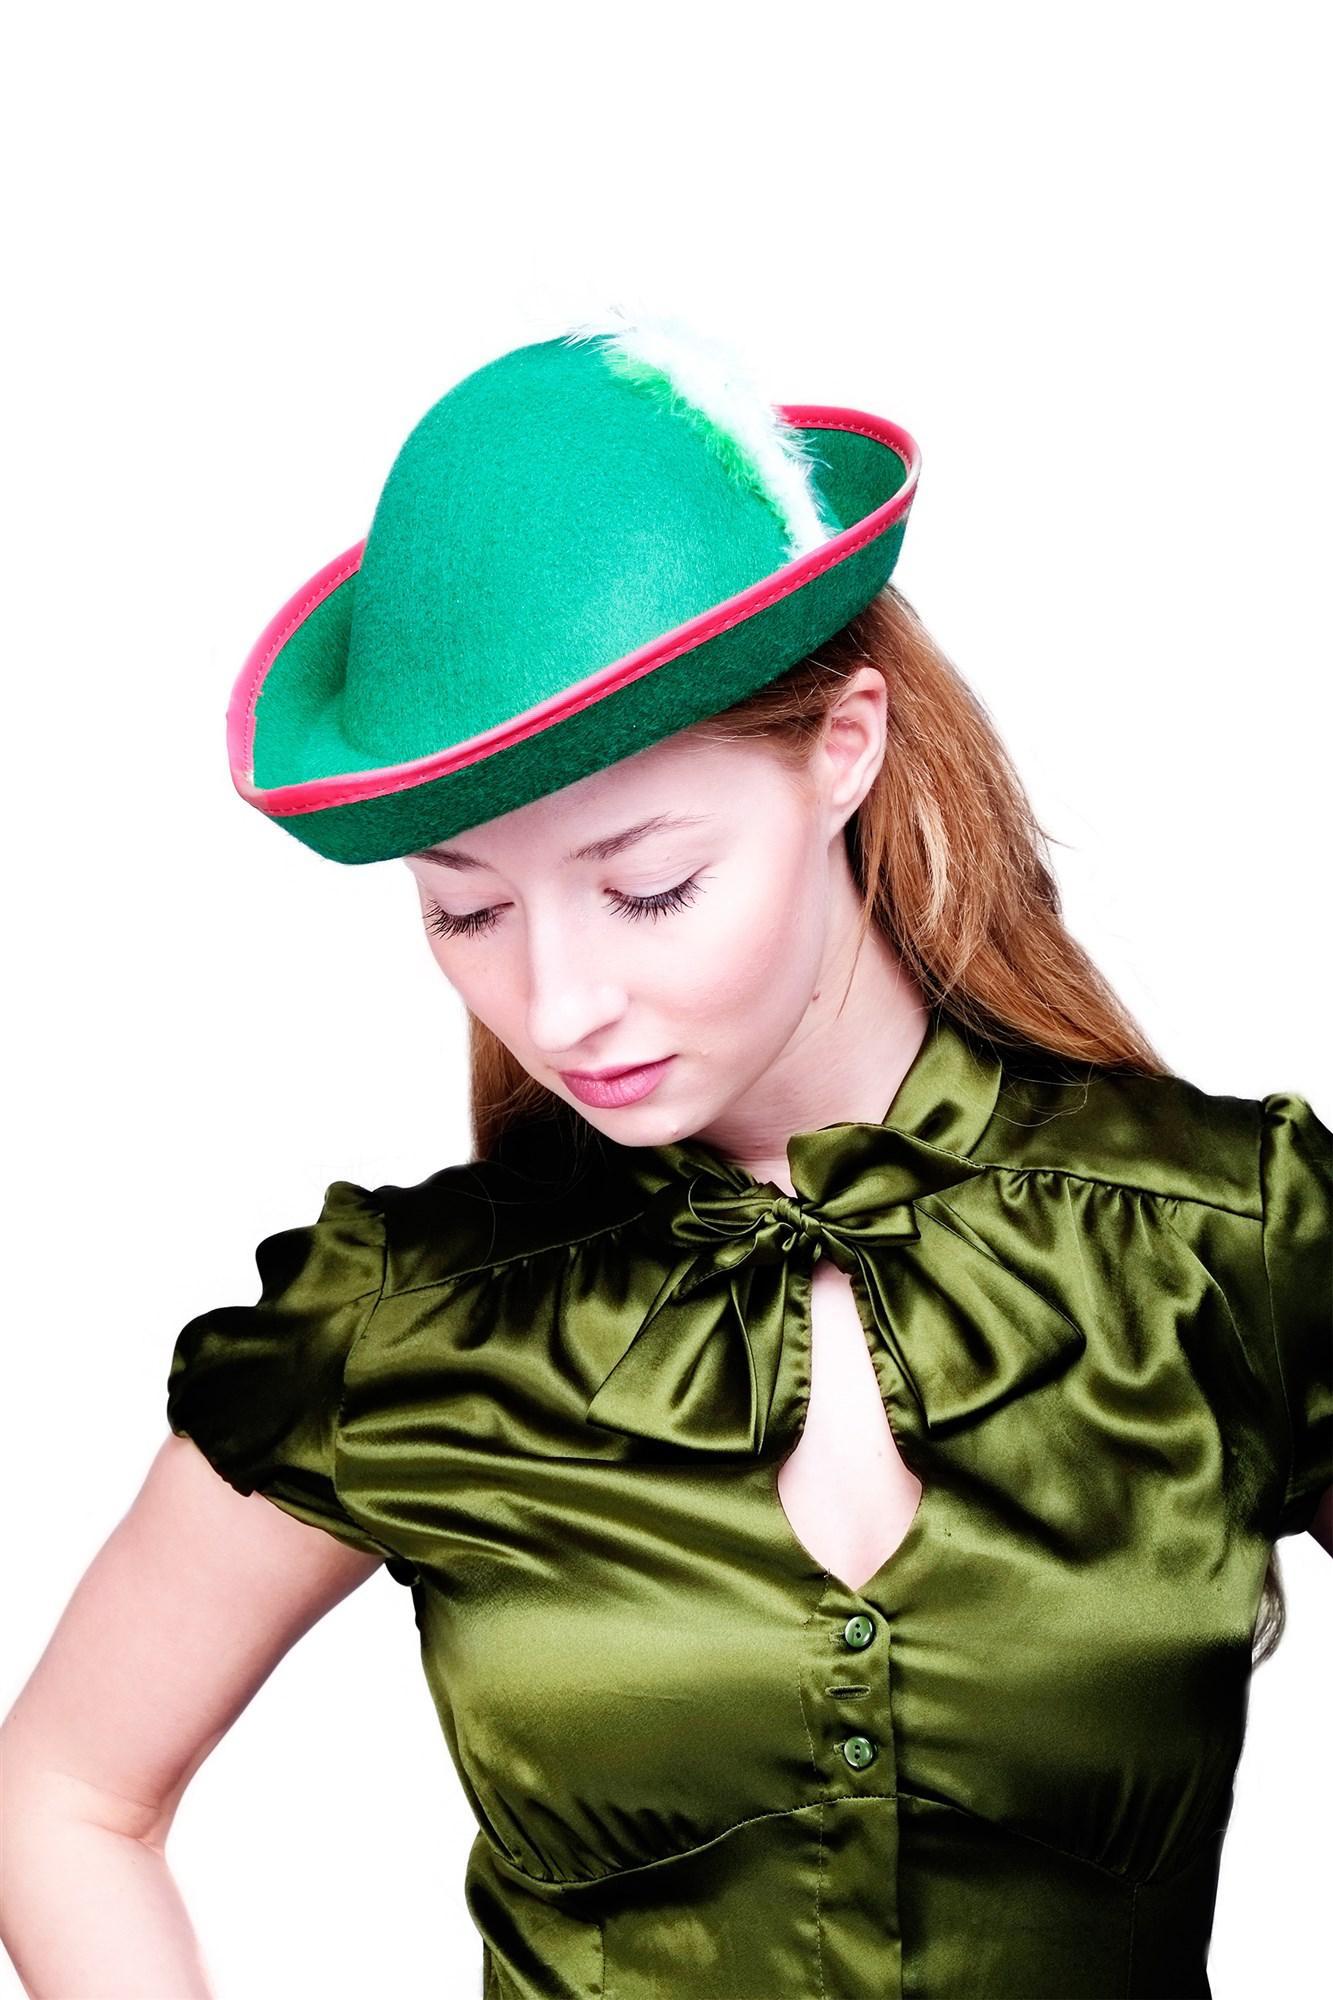 dress me up hut fasching karneval damen herren robin hood j ger tiroler gr n h17 kaufen bei vk. Black Bedroom Furniture Sets. Home Design Ideas